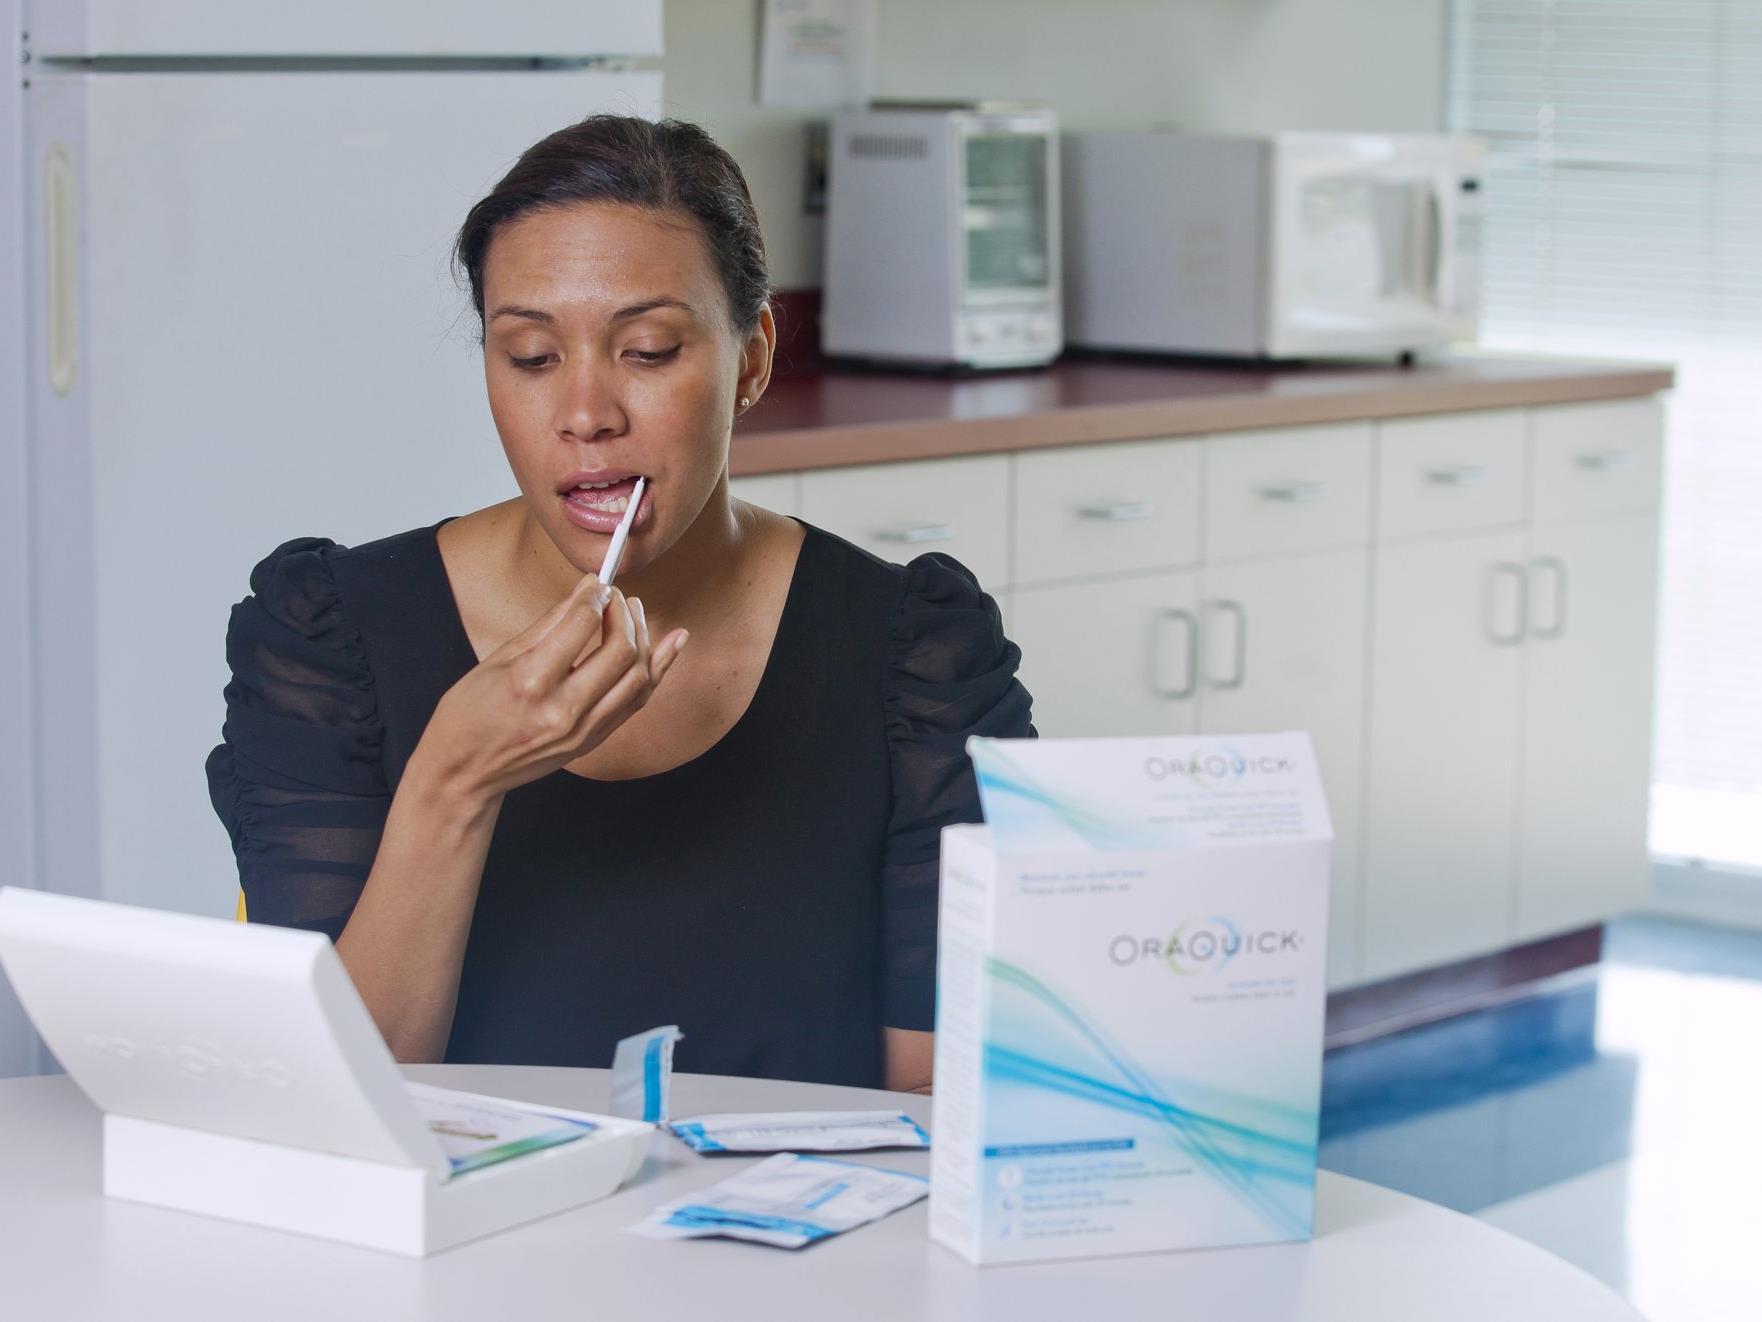 HIV-Test: Speichelprobe reicht. OraQuick ist rezeptfrei erhältlich und soll unter 60 Dollar kosten.